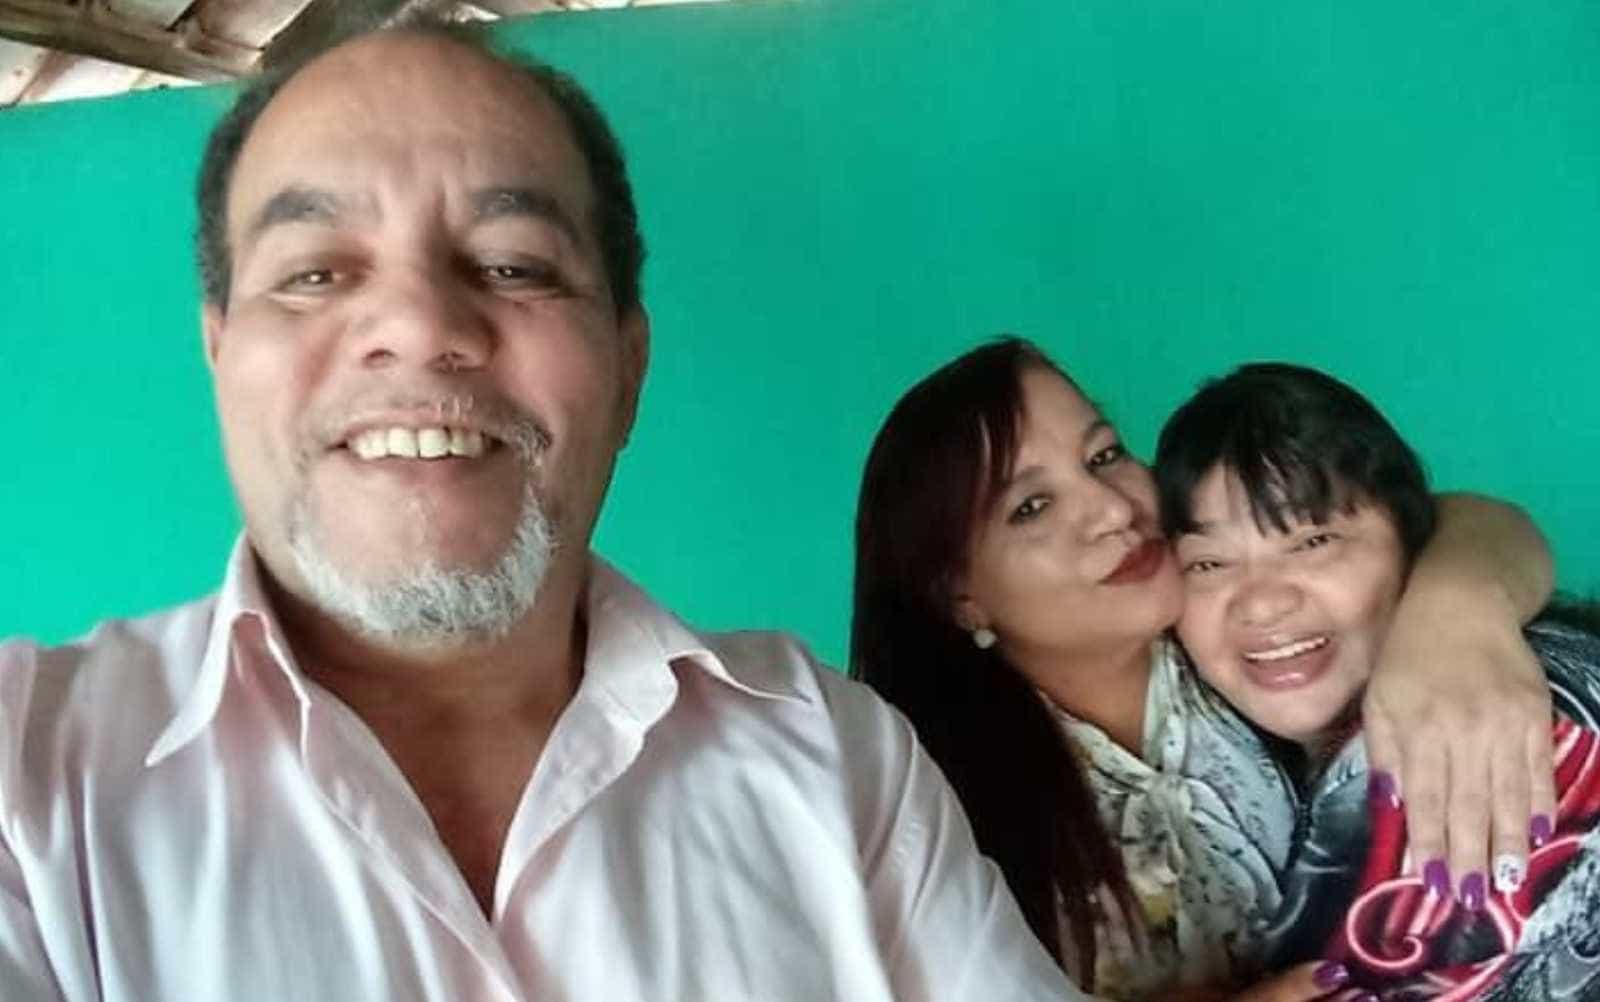 Ao saírem de velório, pastor, mulher e sobrinha morrem em acidente